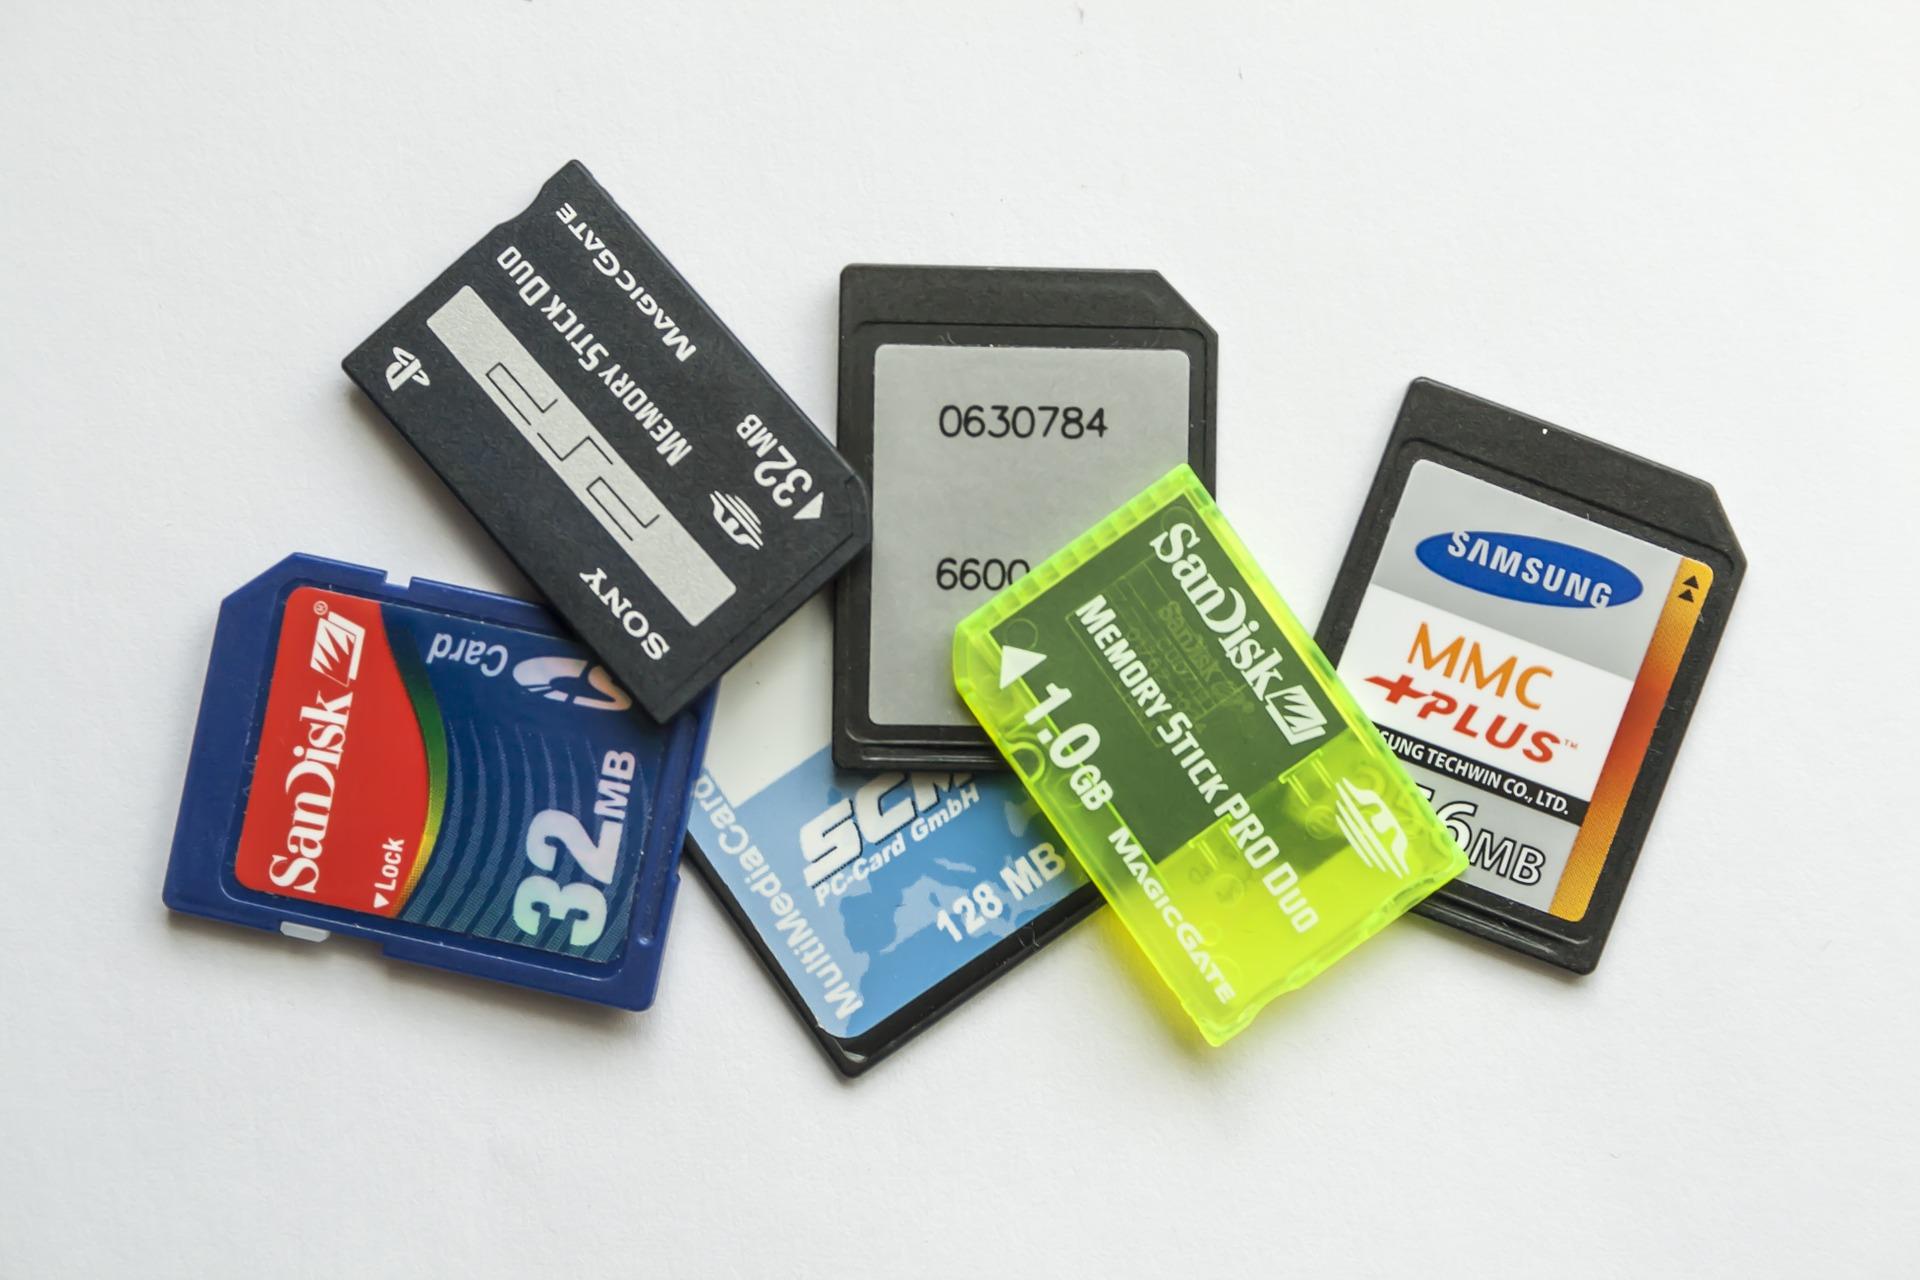 Jak wybrać najlepszą kartę pamięci do aparatu? Wyjaśniamy oznaczenia kart SD